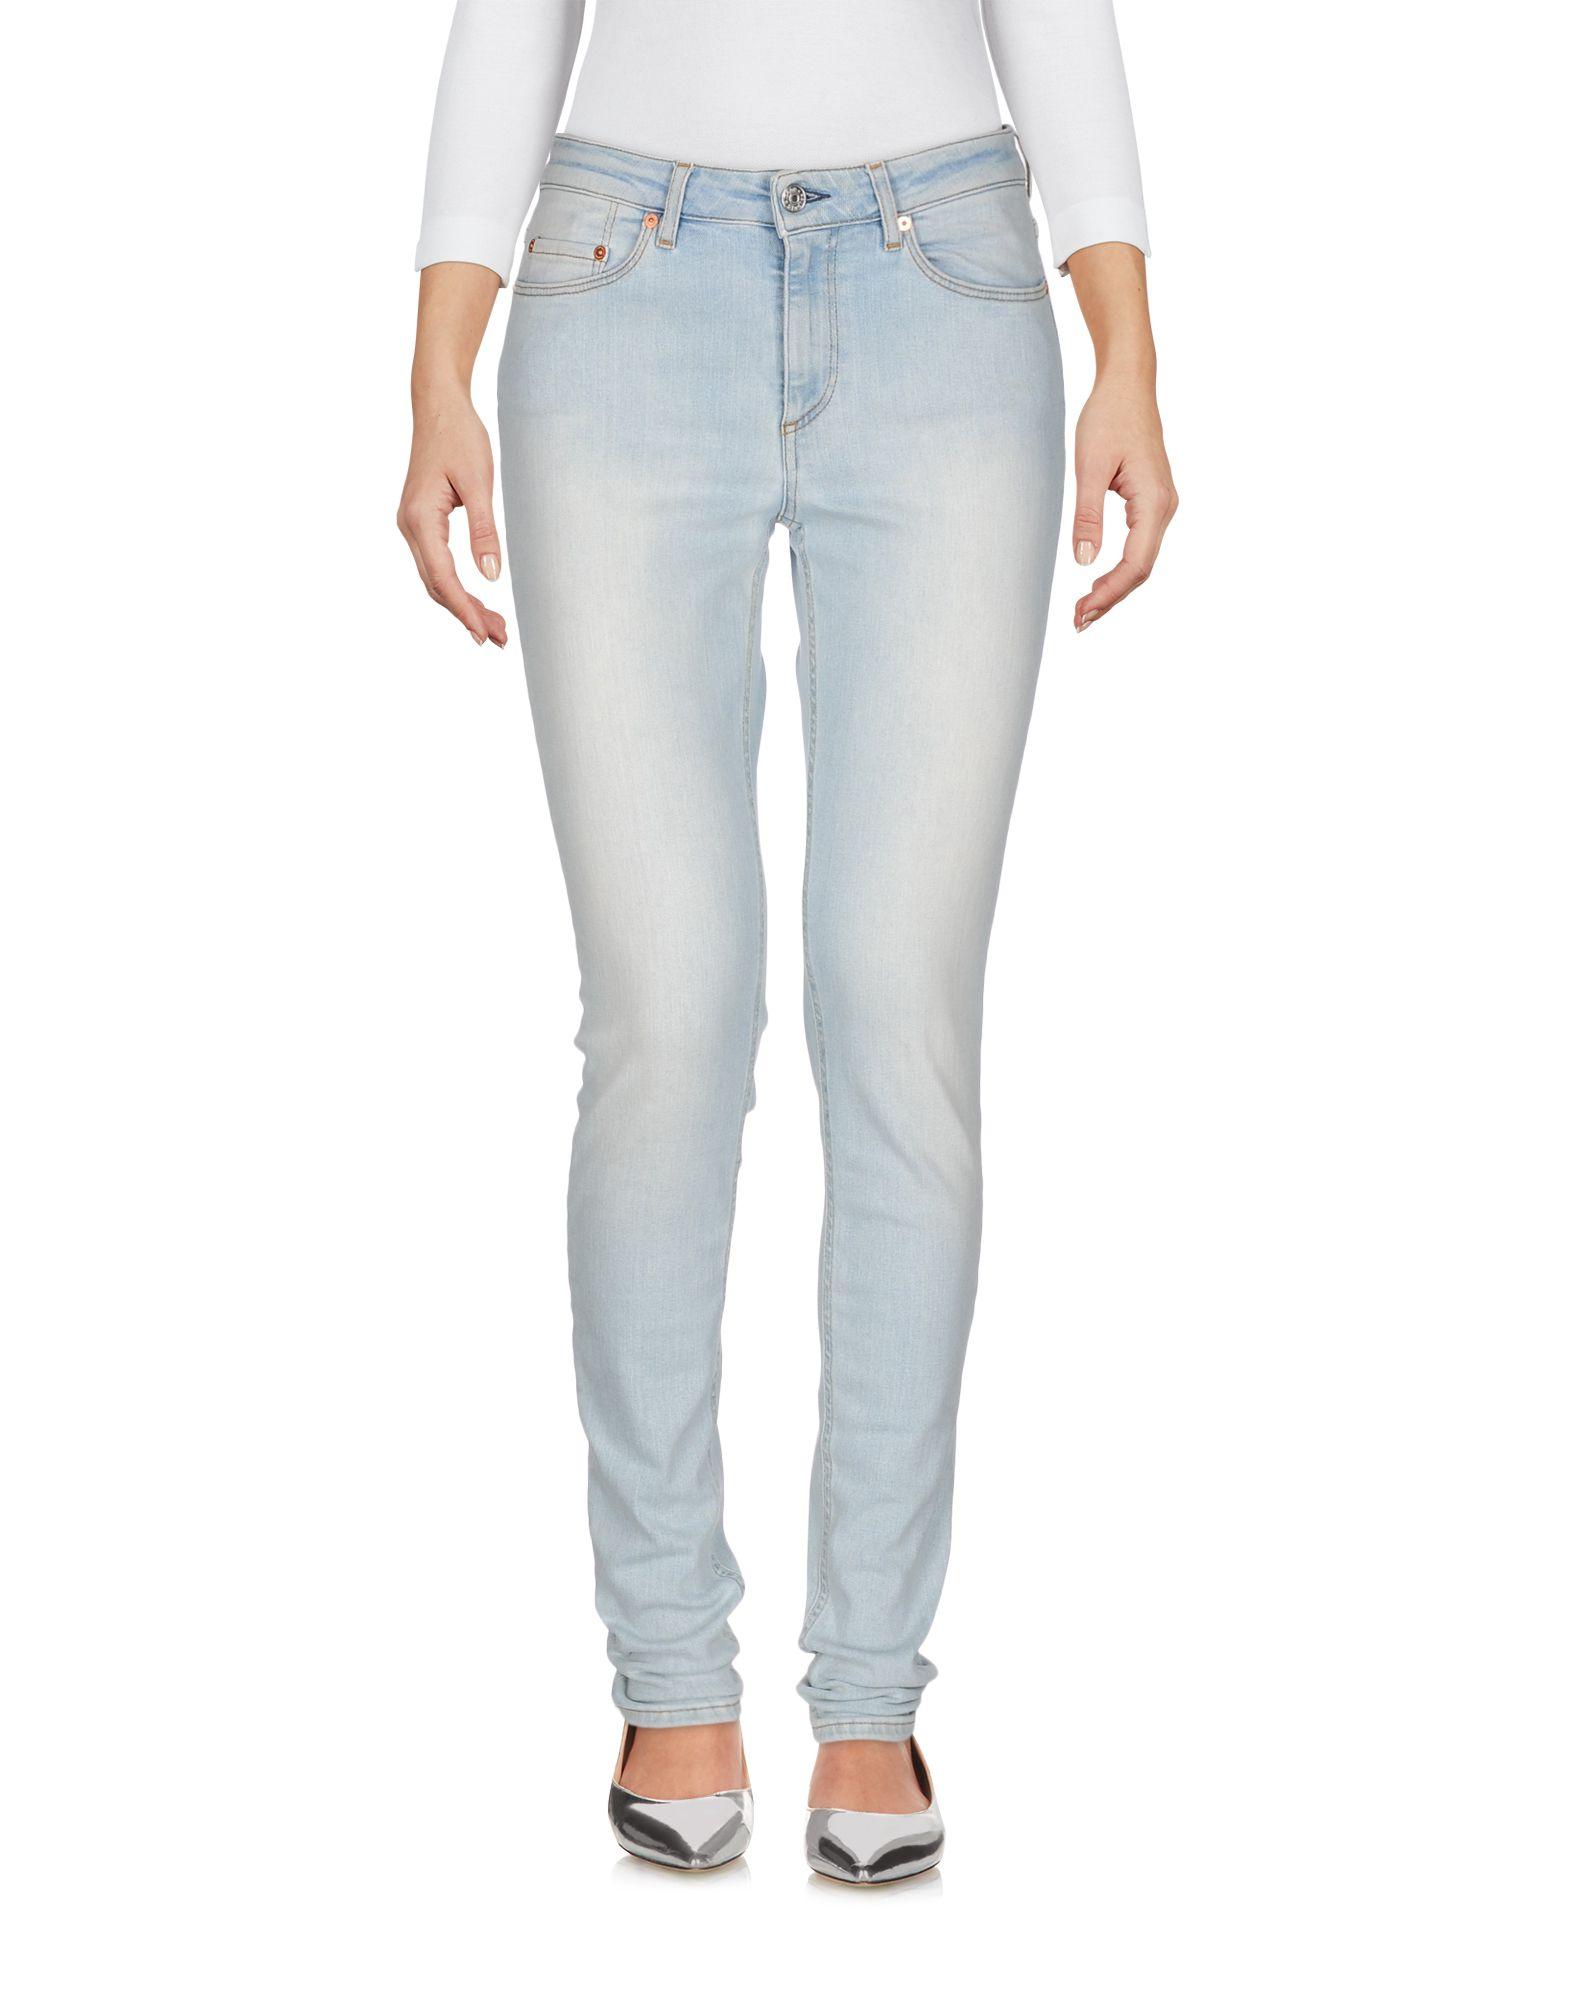 ACNE STUDIOS Джинсовые брюки женские брюки лэйт светлый размер 56